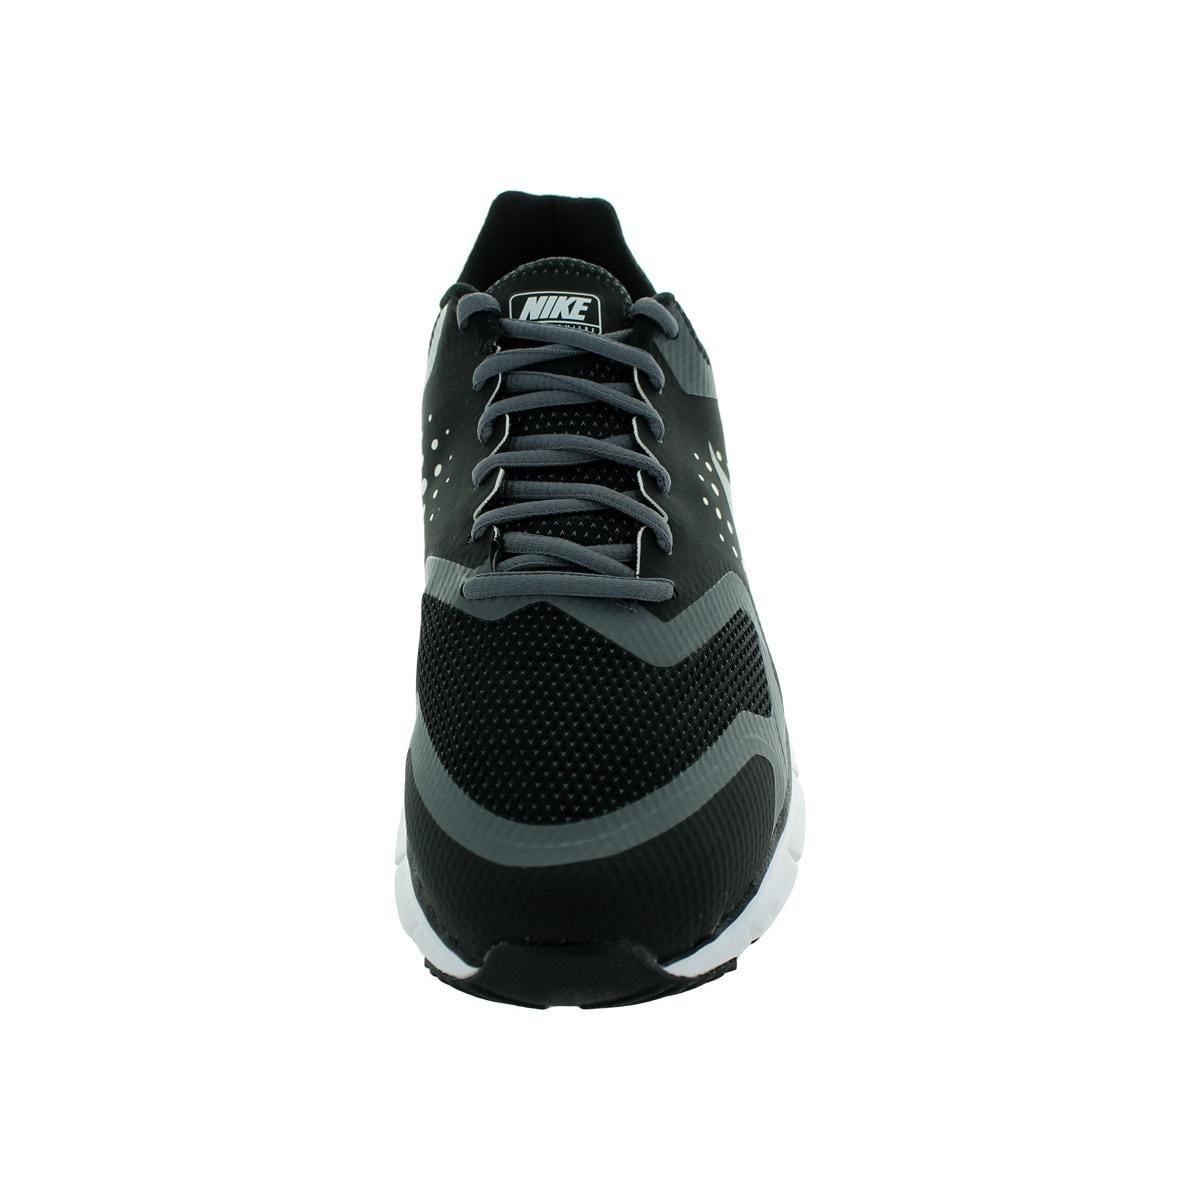 d81fc894b79d0 Nike Men's Air Max Premiere Run Black/Mlc Silver/Dark Grey/White Running  Shoe